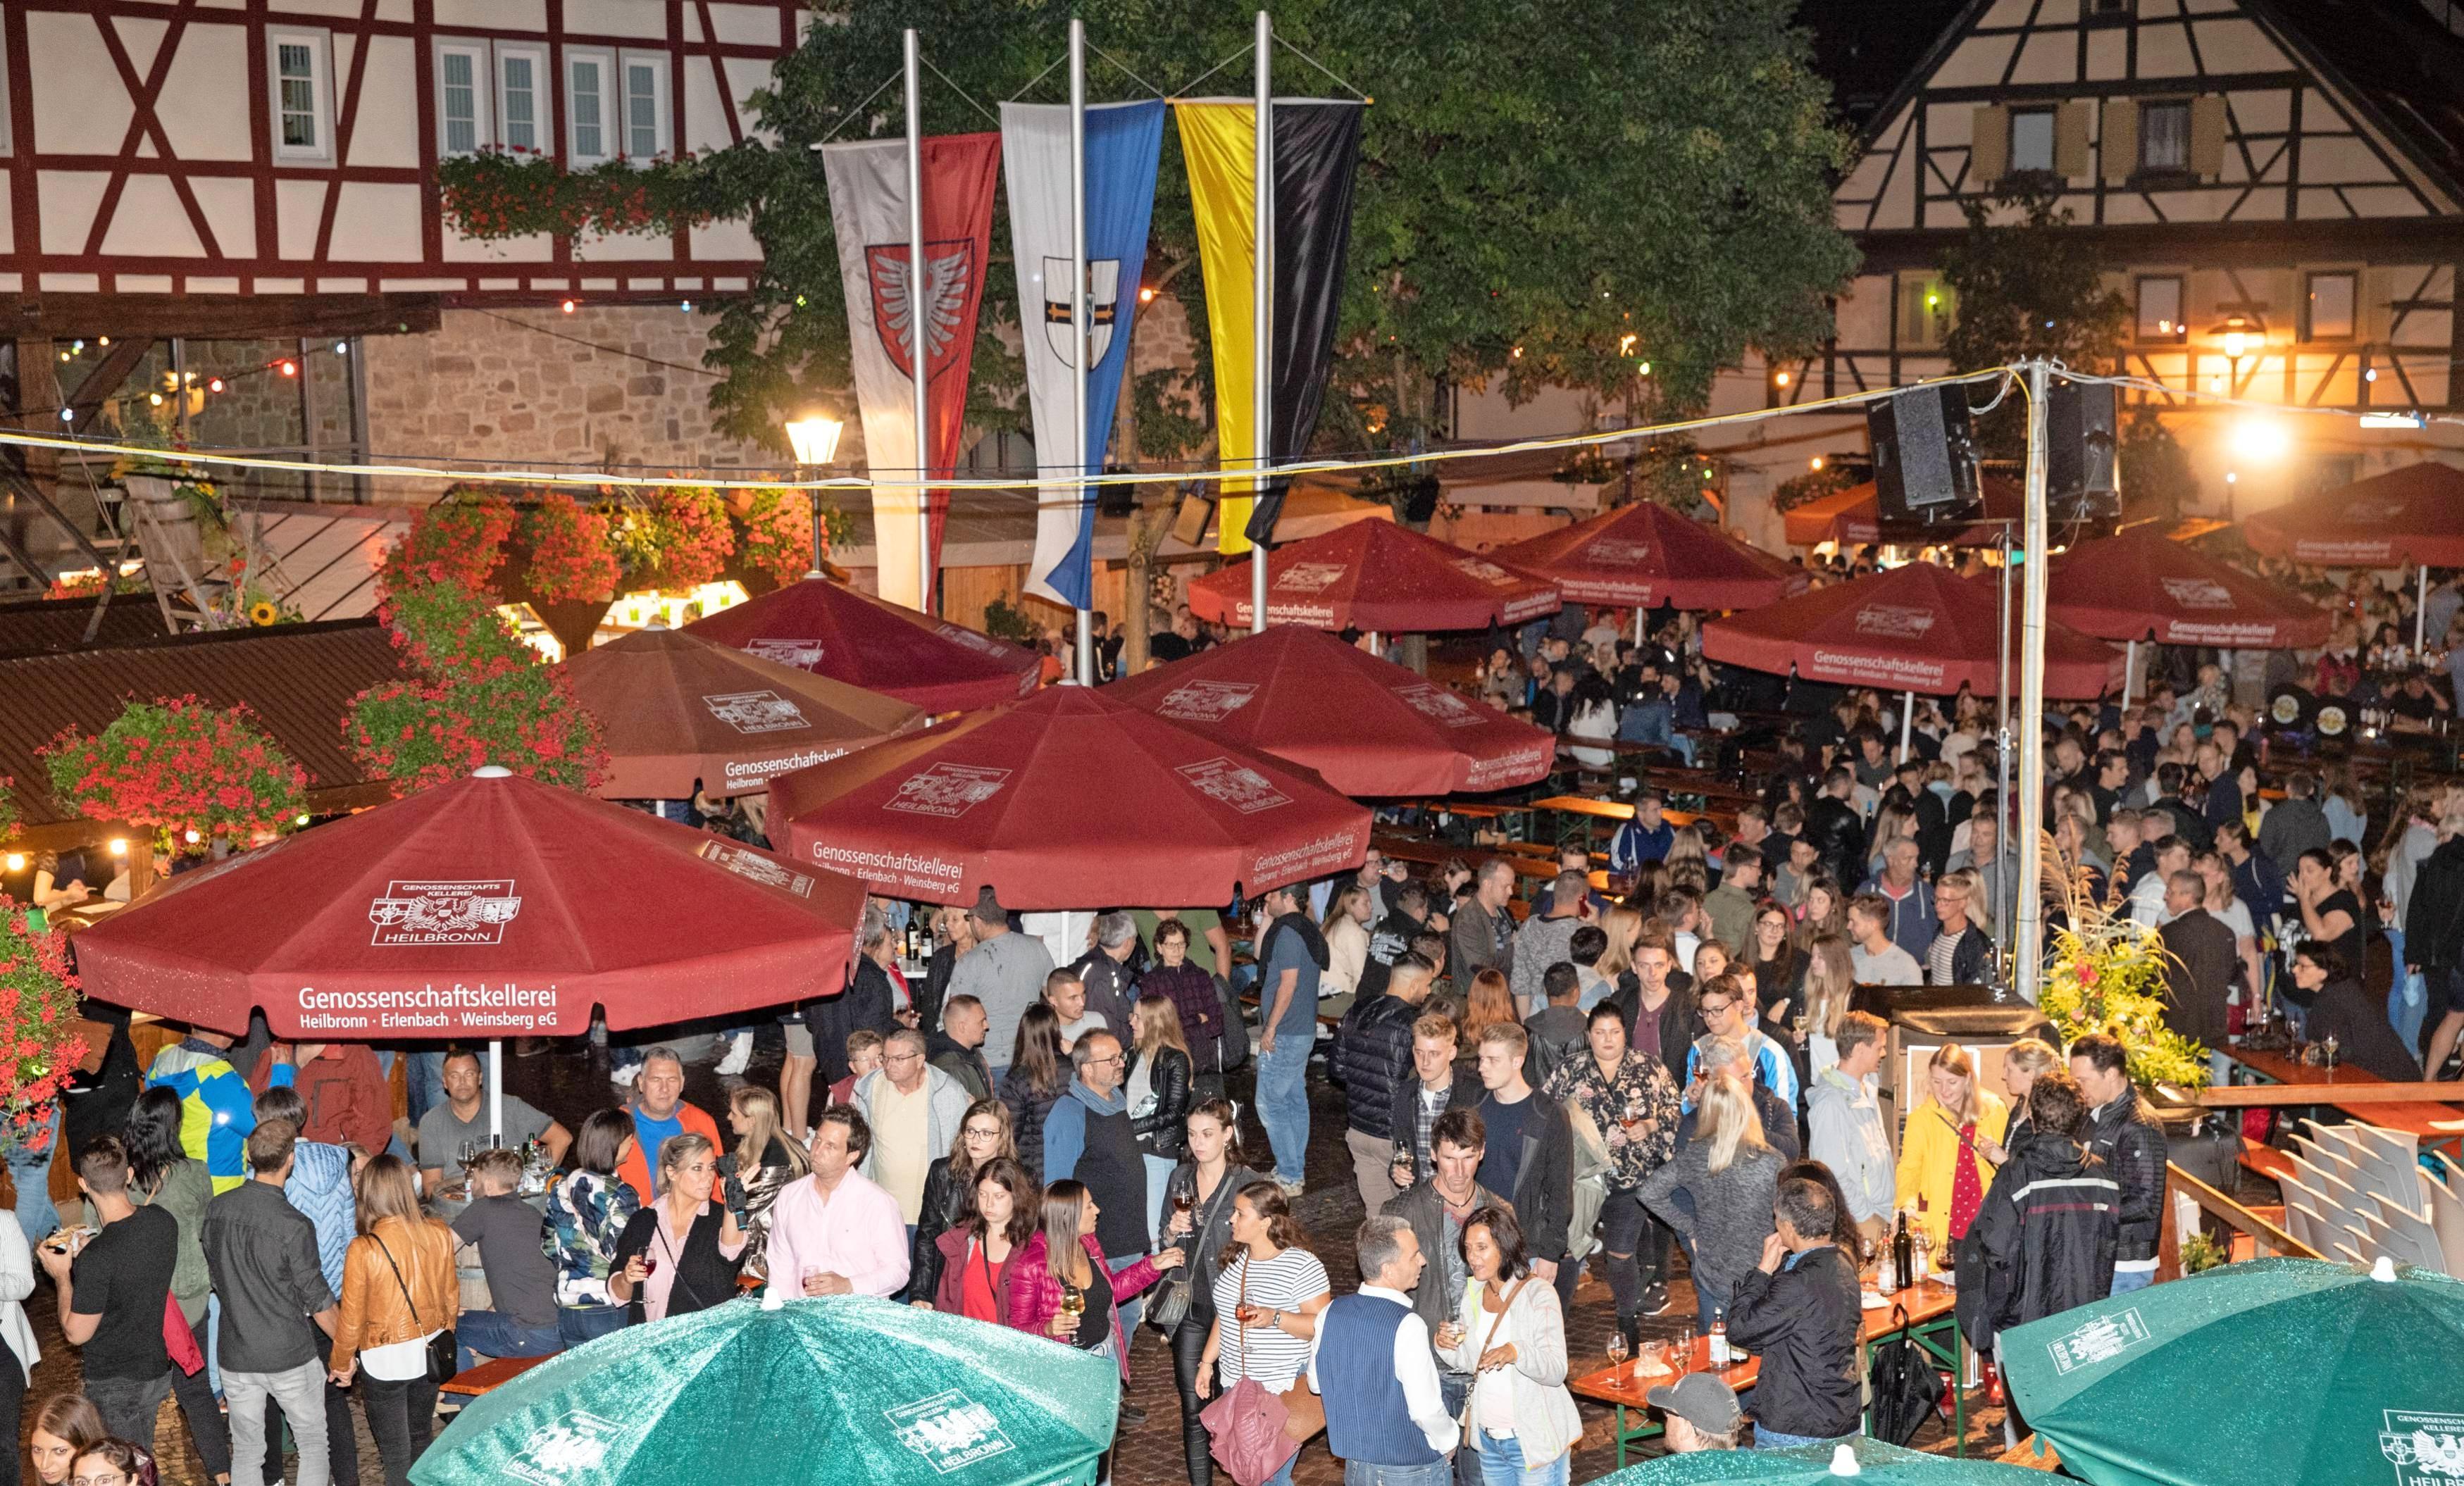 Auch das Original Erlenbacher Weinfest fällt der Corona-Pandemie zum Opfer. Feiern unterm Kayberg sieht in diesem Jahr anders aus: Es findet daheim auf Balkon und Terrasse statt. Dafür gibt es extra zusammengestellte Weinfestpakete. Foto: Archiv/Veigel